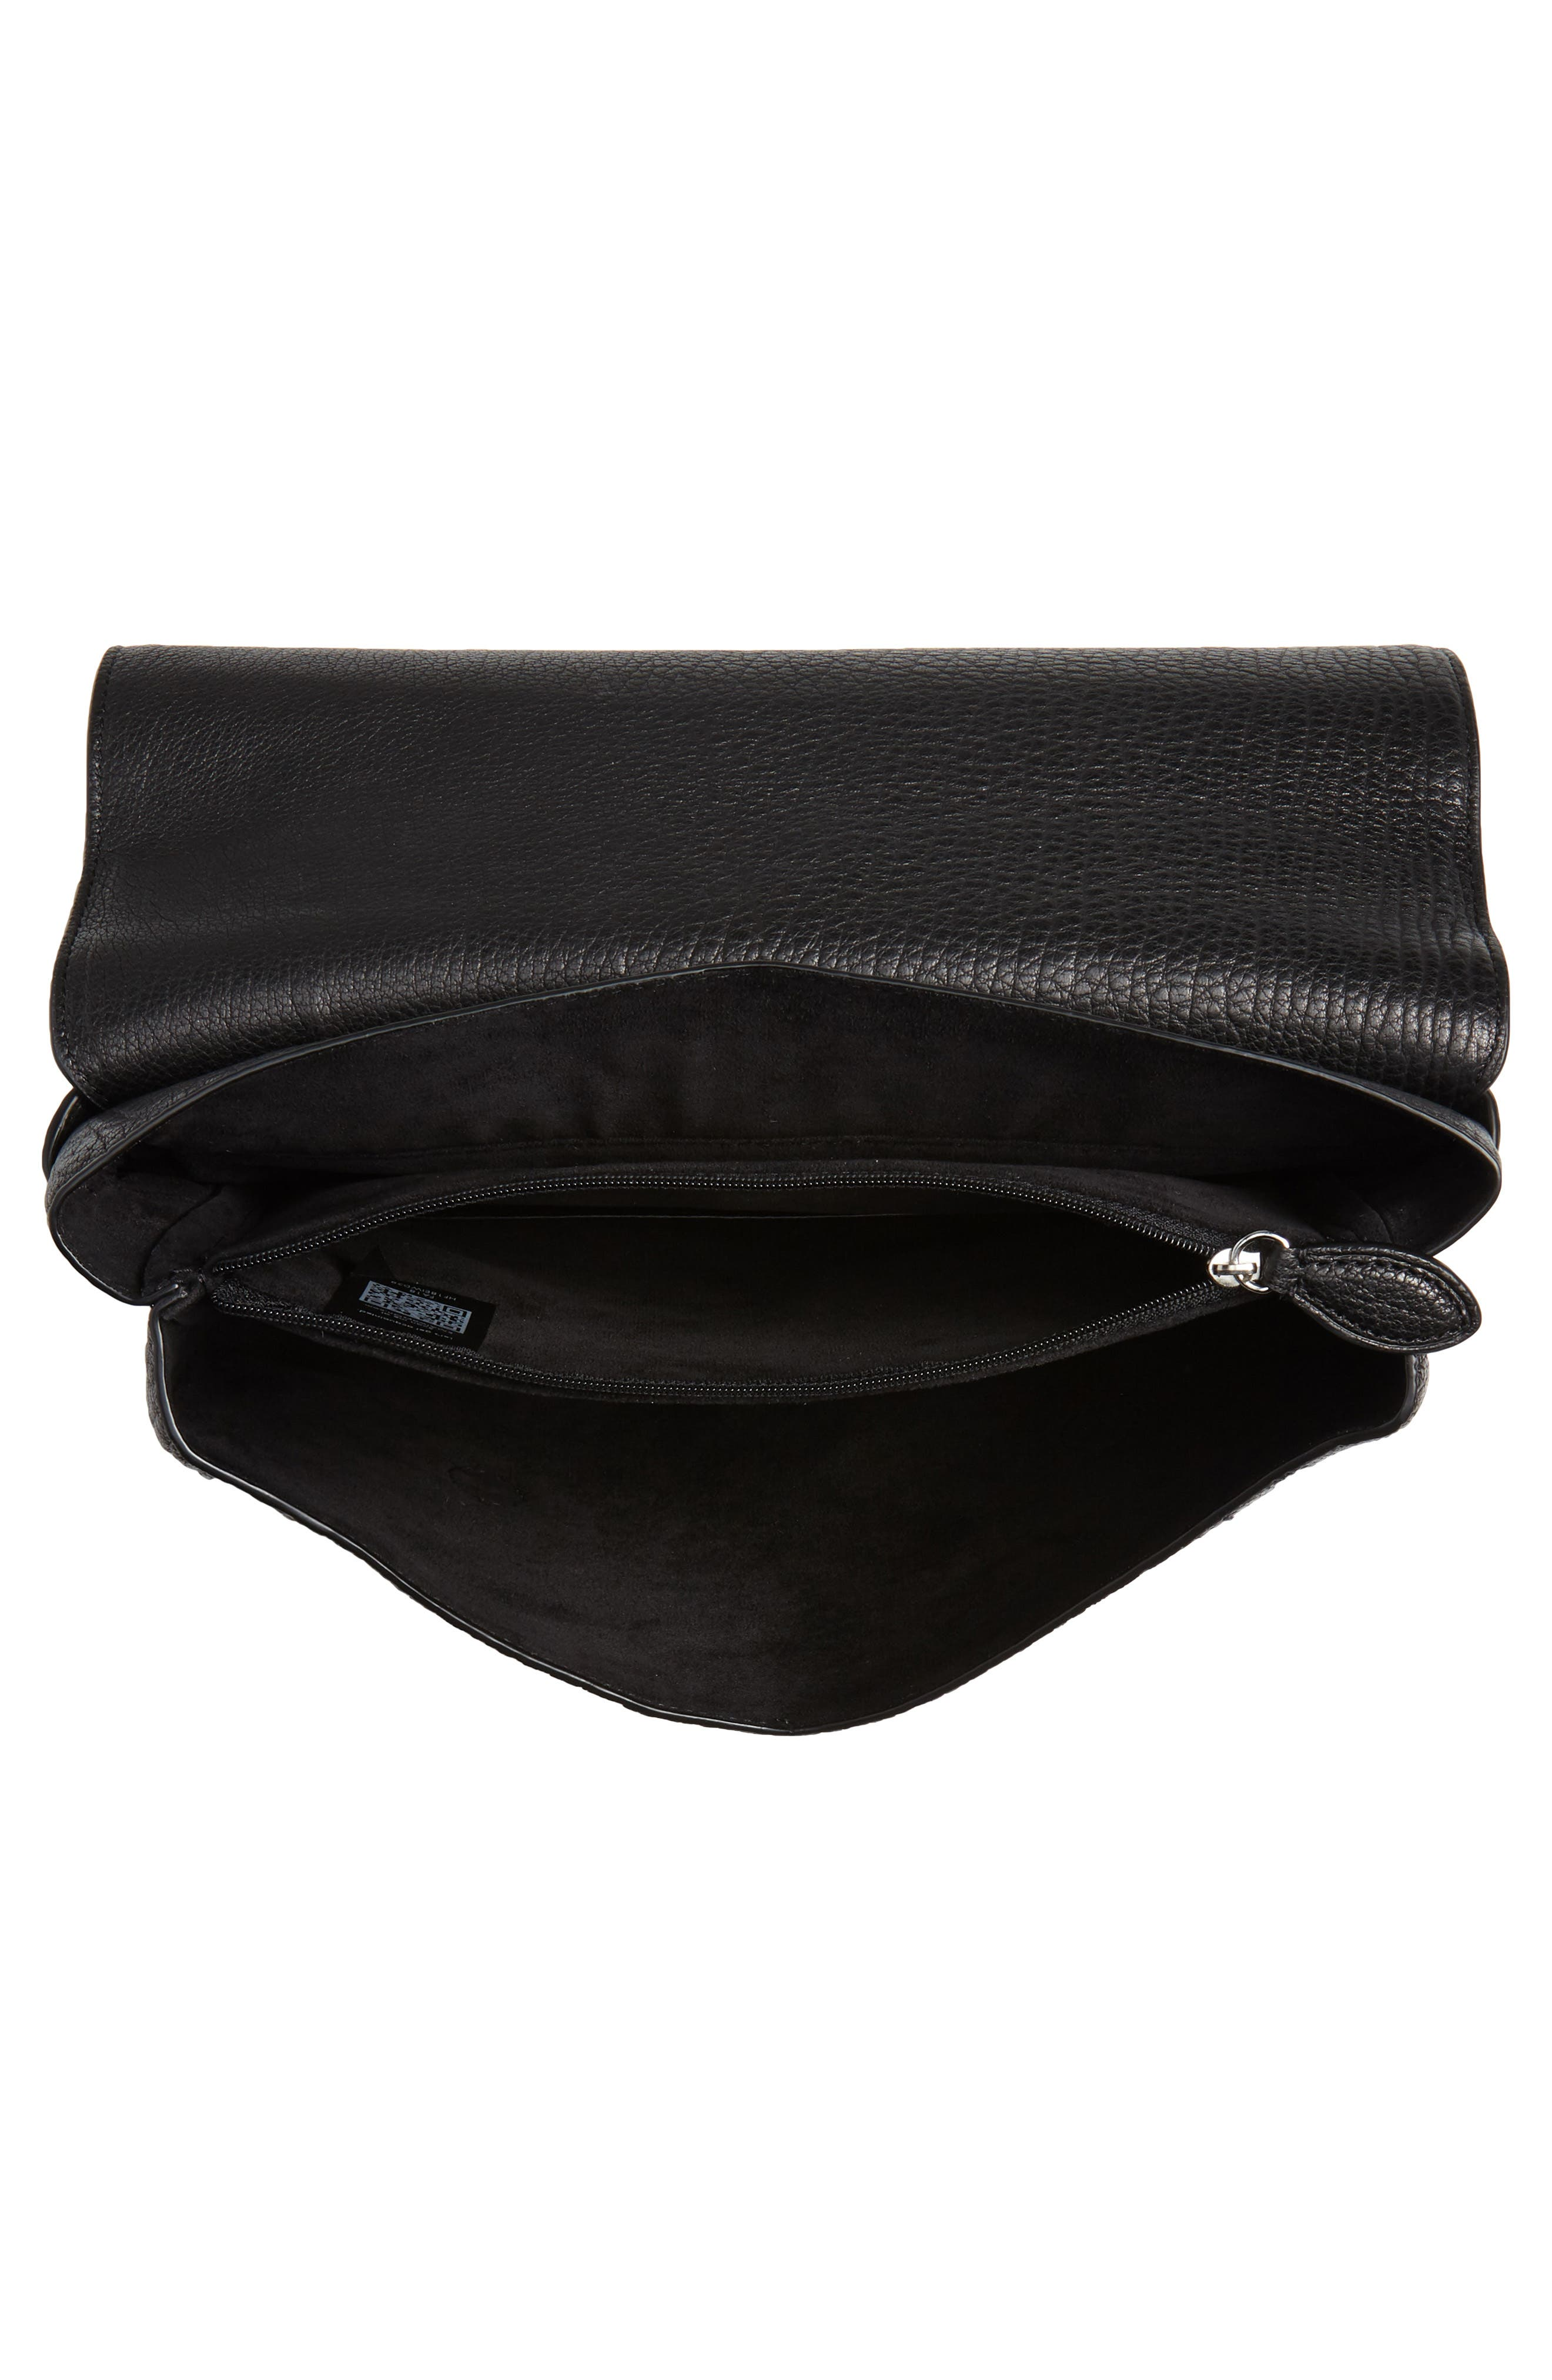 Isabel Fringe Leather Shoulder Bag,                             Alternate thumbnail 5, color,                             001